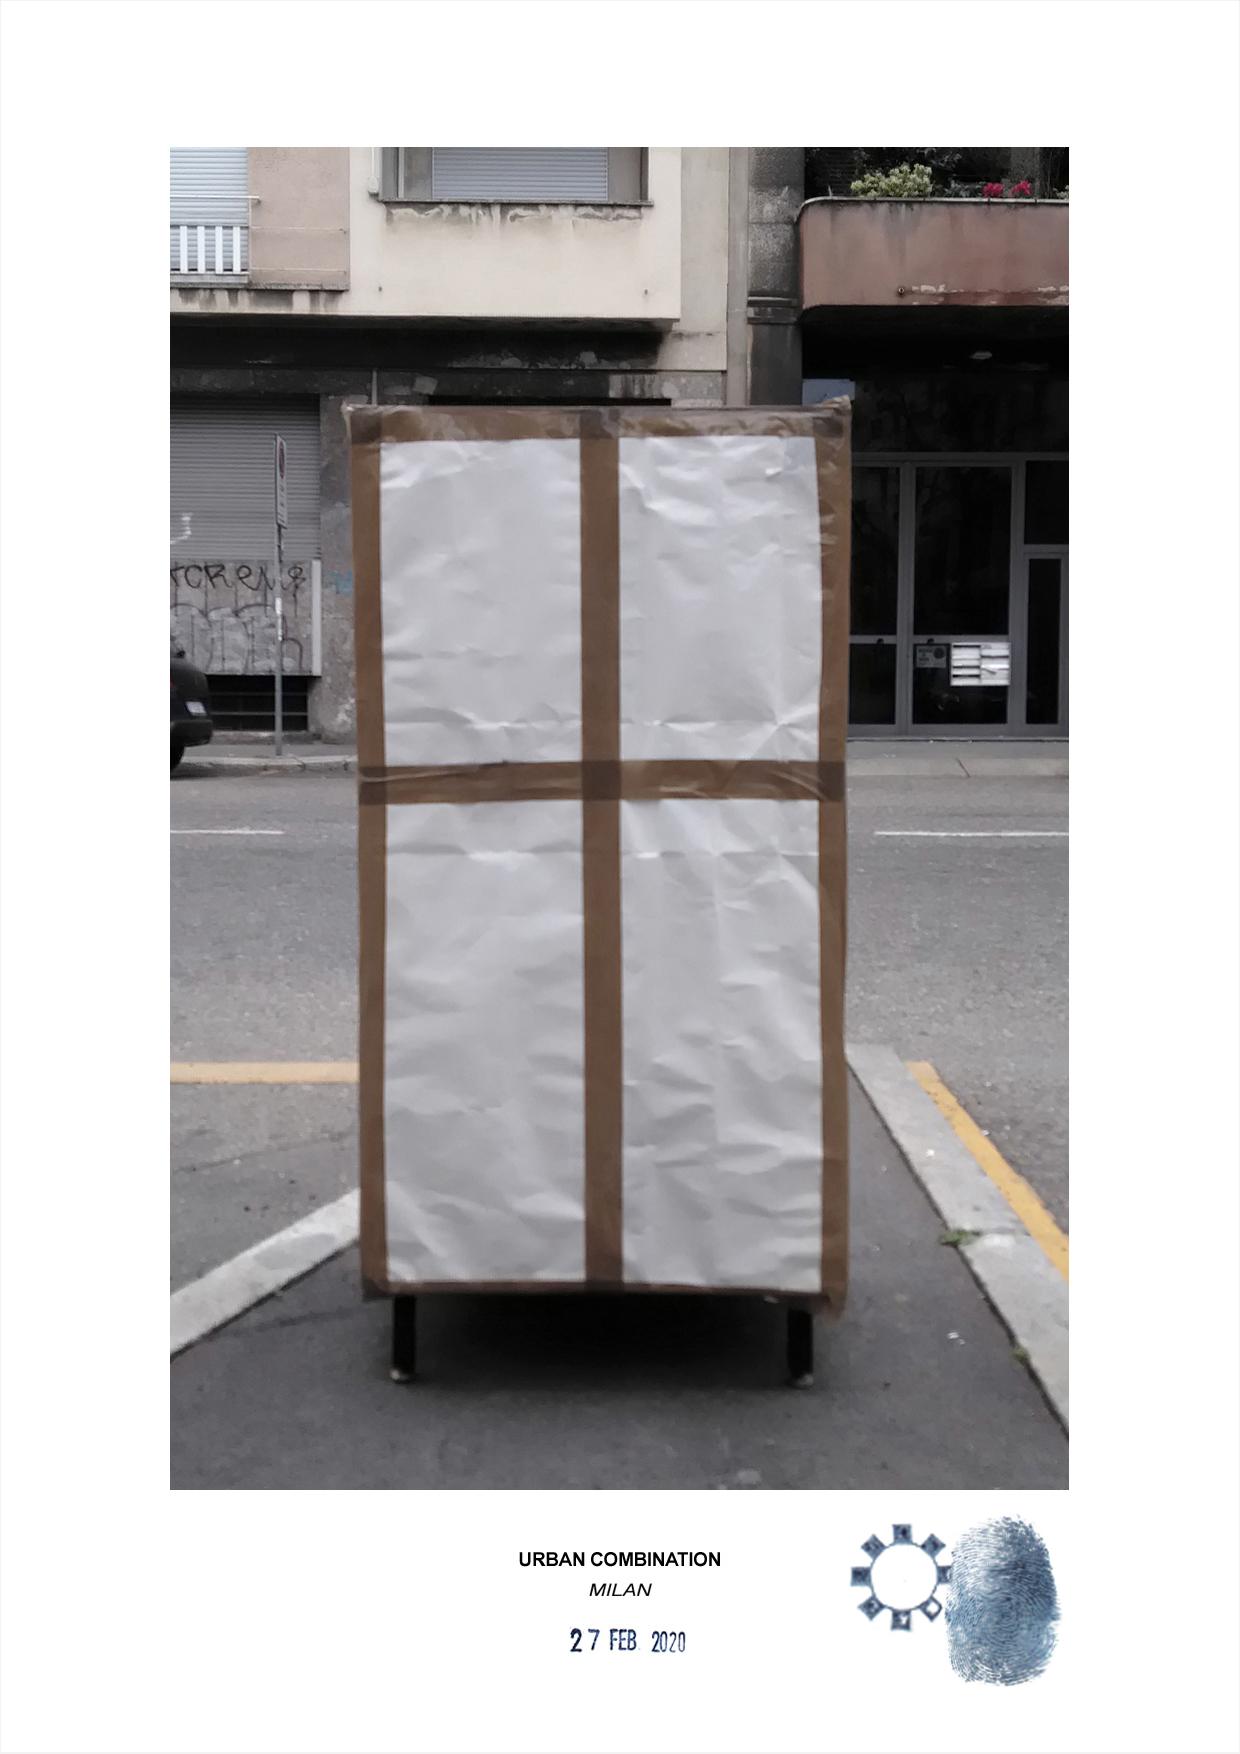 Arte contemporanea con installazioni casuali dell'artista Maurizio Di Feo. Combinazione urbana con mobiletto Milano.